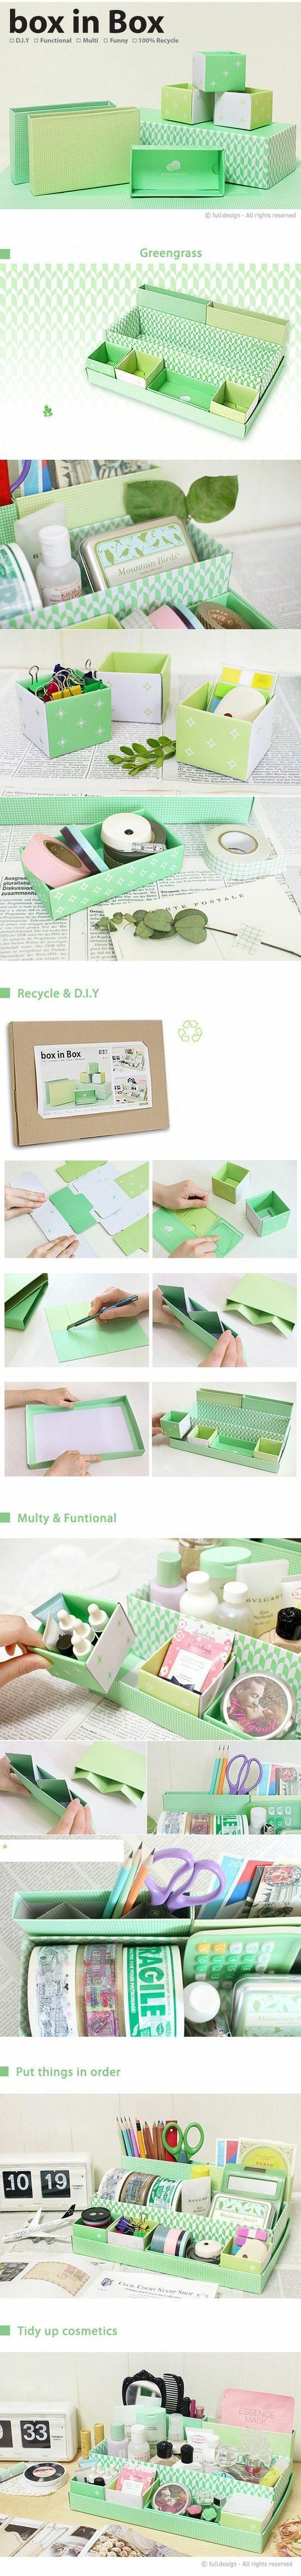 Diy - Box in a box in a box....